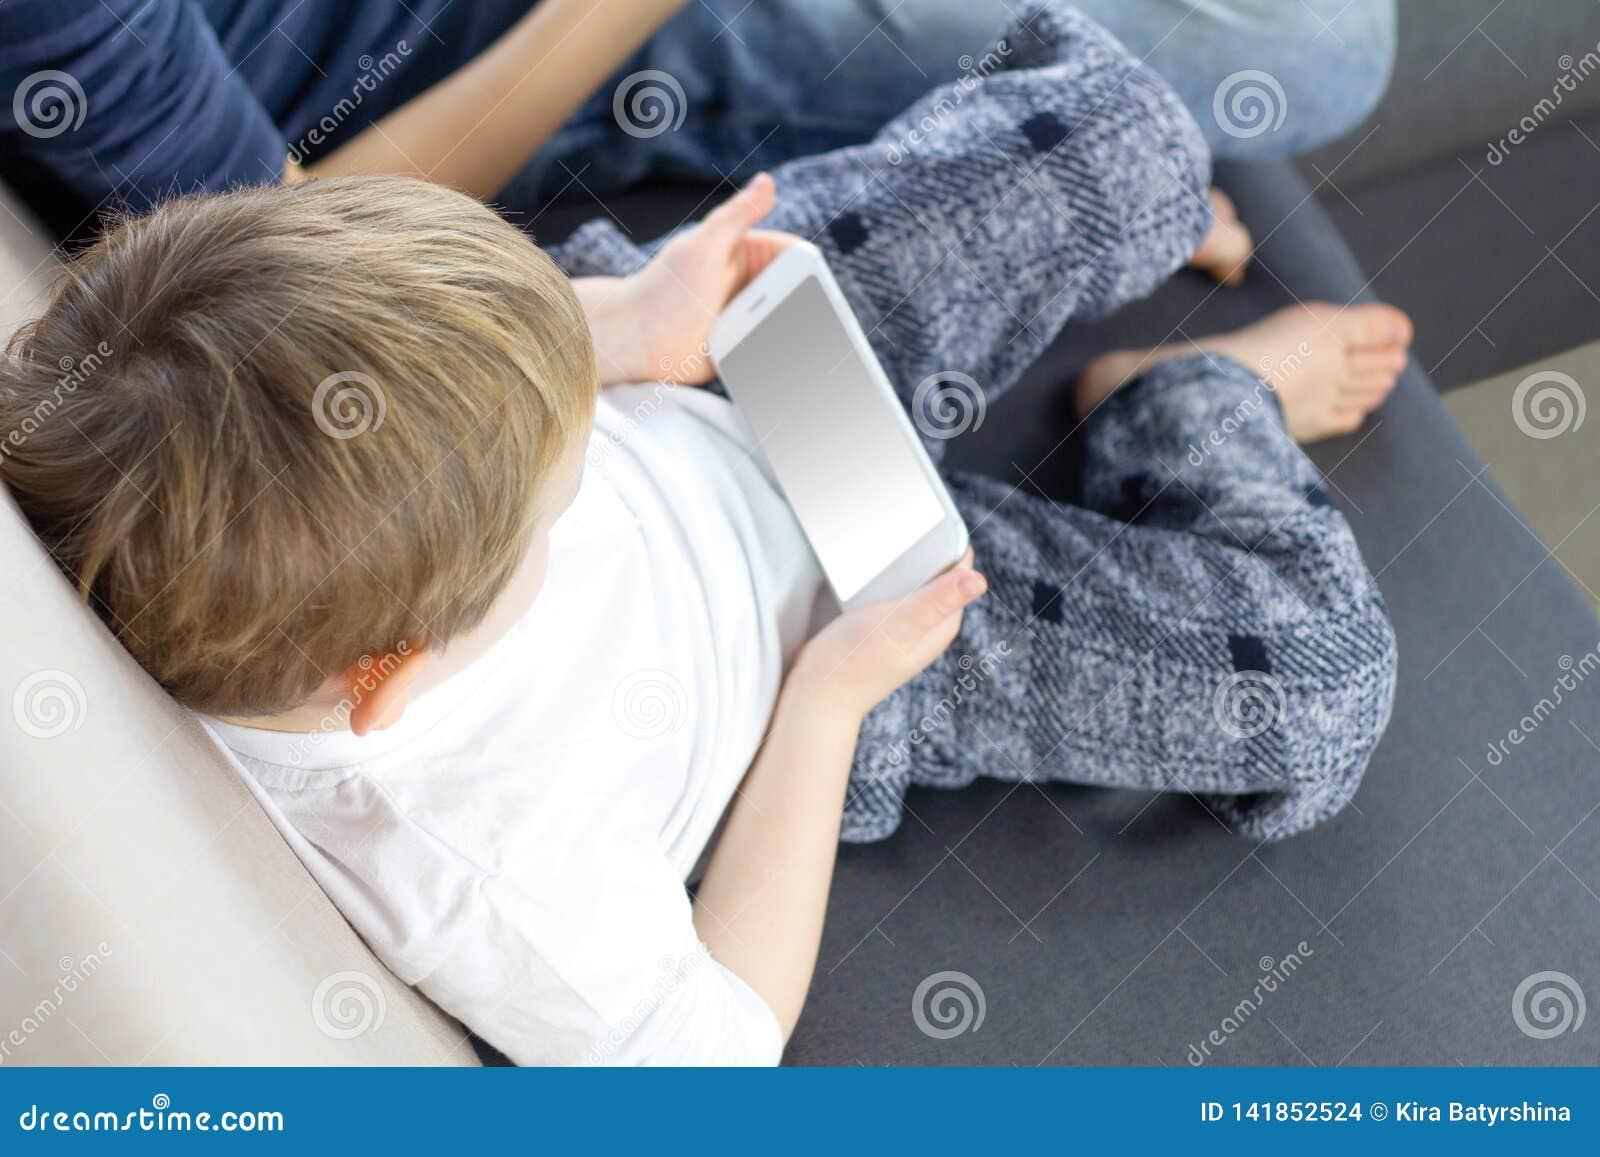 Αγόρι παιδιών που χρησιμοποιεί το κινητό τηλέφωνο Smartphone στα χέρια παιδιών Παιχνίδι μικρών παιδιών με το κινητό τηλέφωνο Έννο